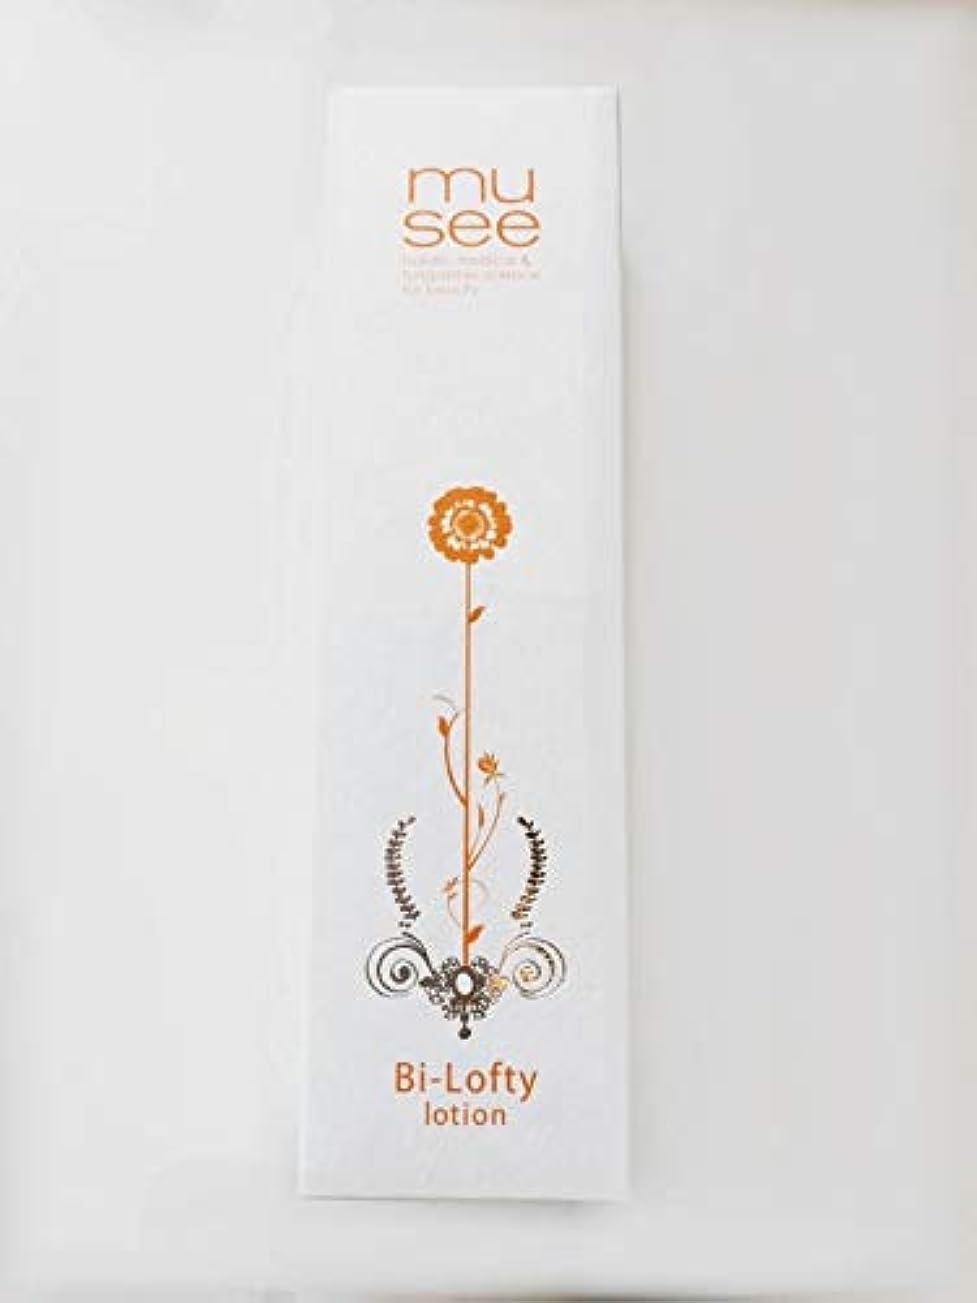 超えてくちばし気を散らすBi-Lofty lotion ビィロフティ ローション 150ml